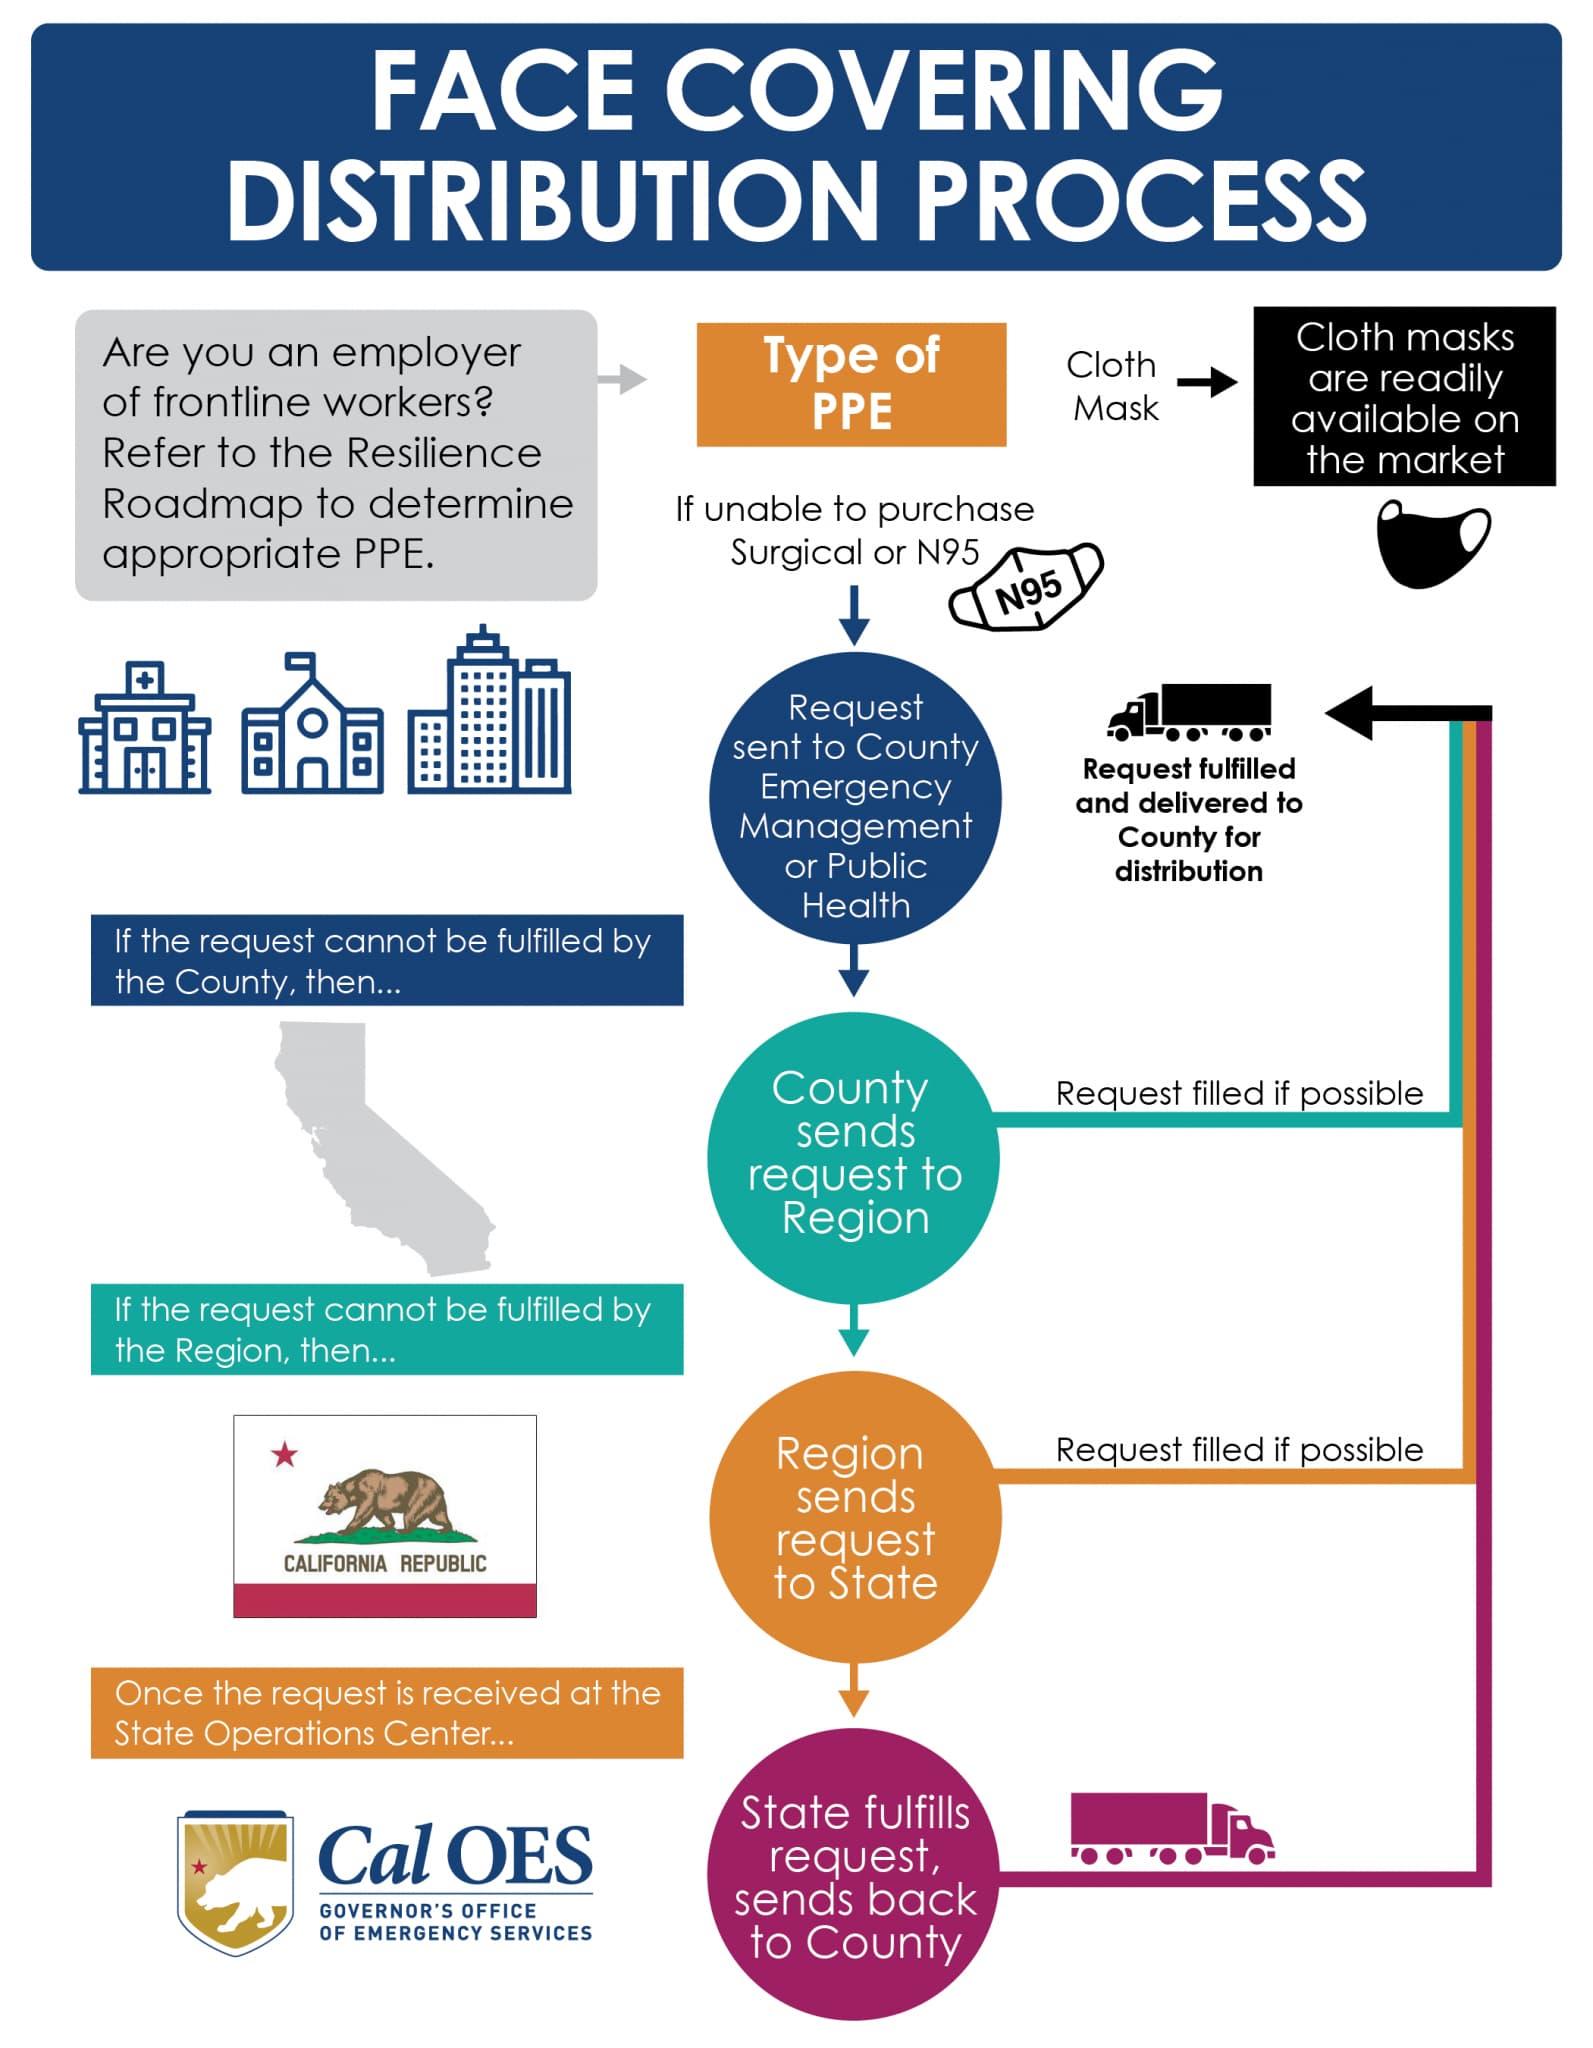 캘리포니아 긴급 지원 서비스 주지사실(California Governor's Office of Emergency Services, Cal OES)의 안면 가리개 배포 절차에 대한 업무 흐름도